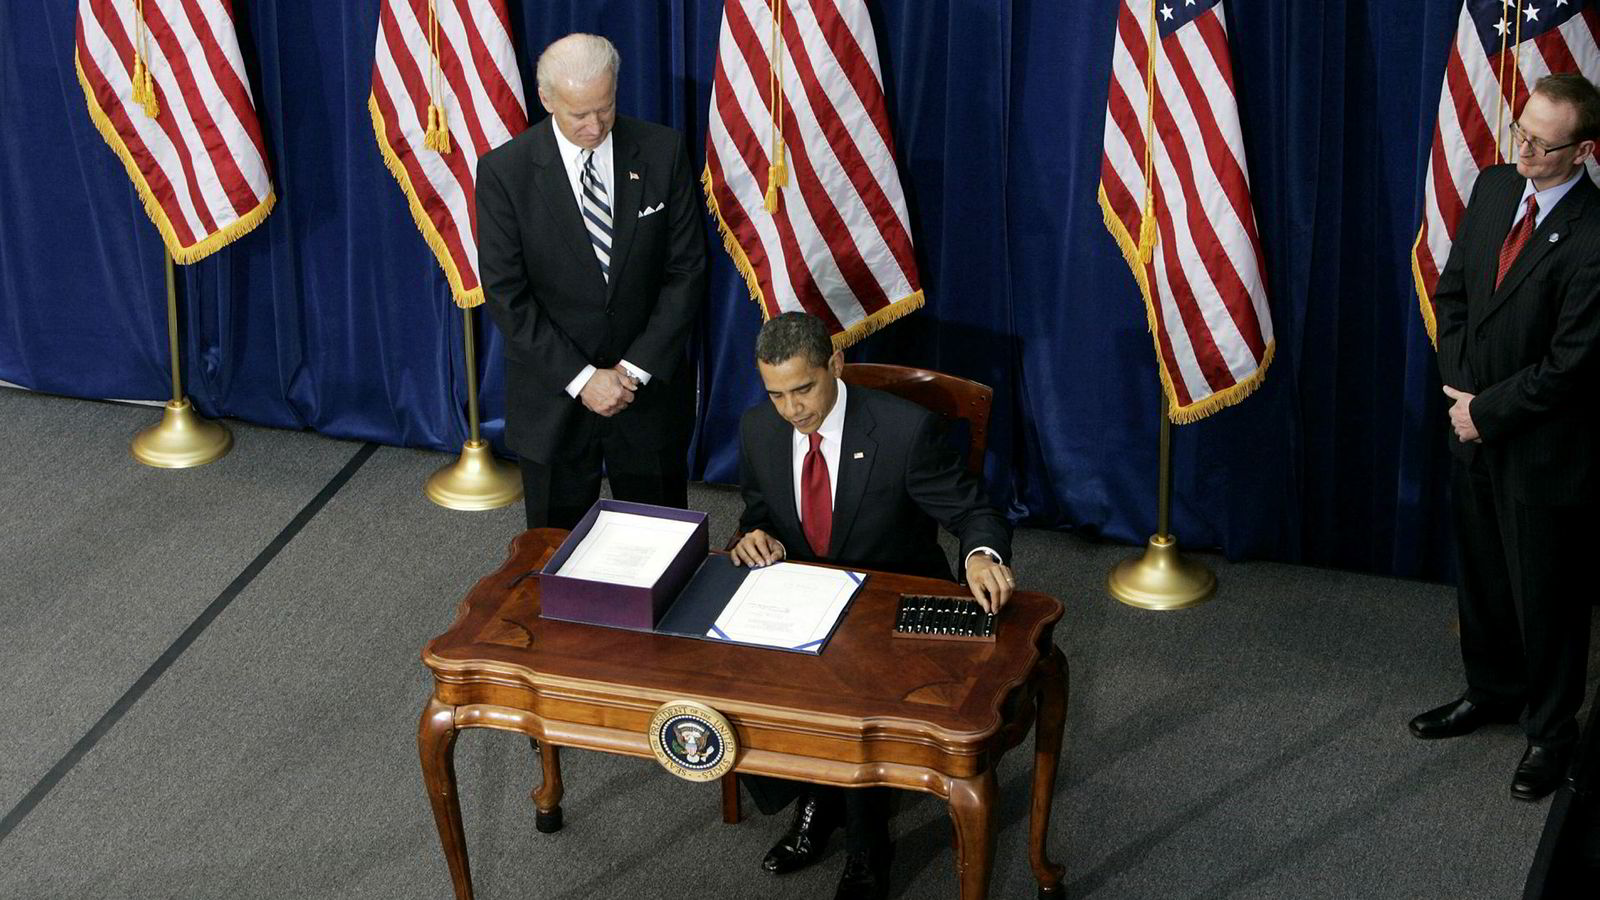 Obama-administrasjonen tok et avgjørende feilsteg i 2009 da den lot være å innføre tiltakspakker som var mer omfattende, langvarige, strukturerte og fleksible.